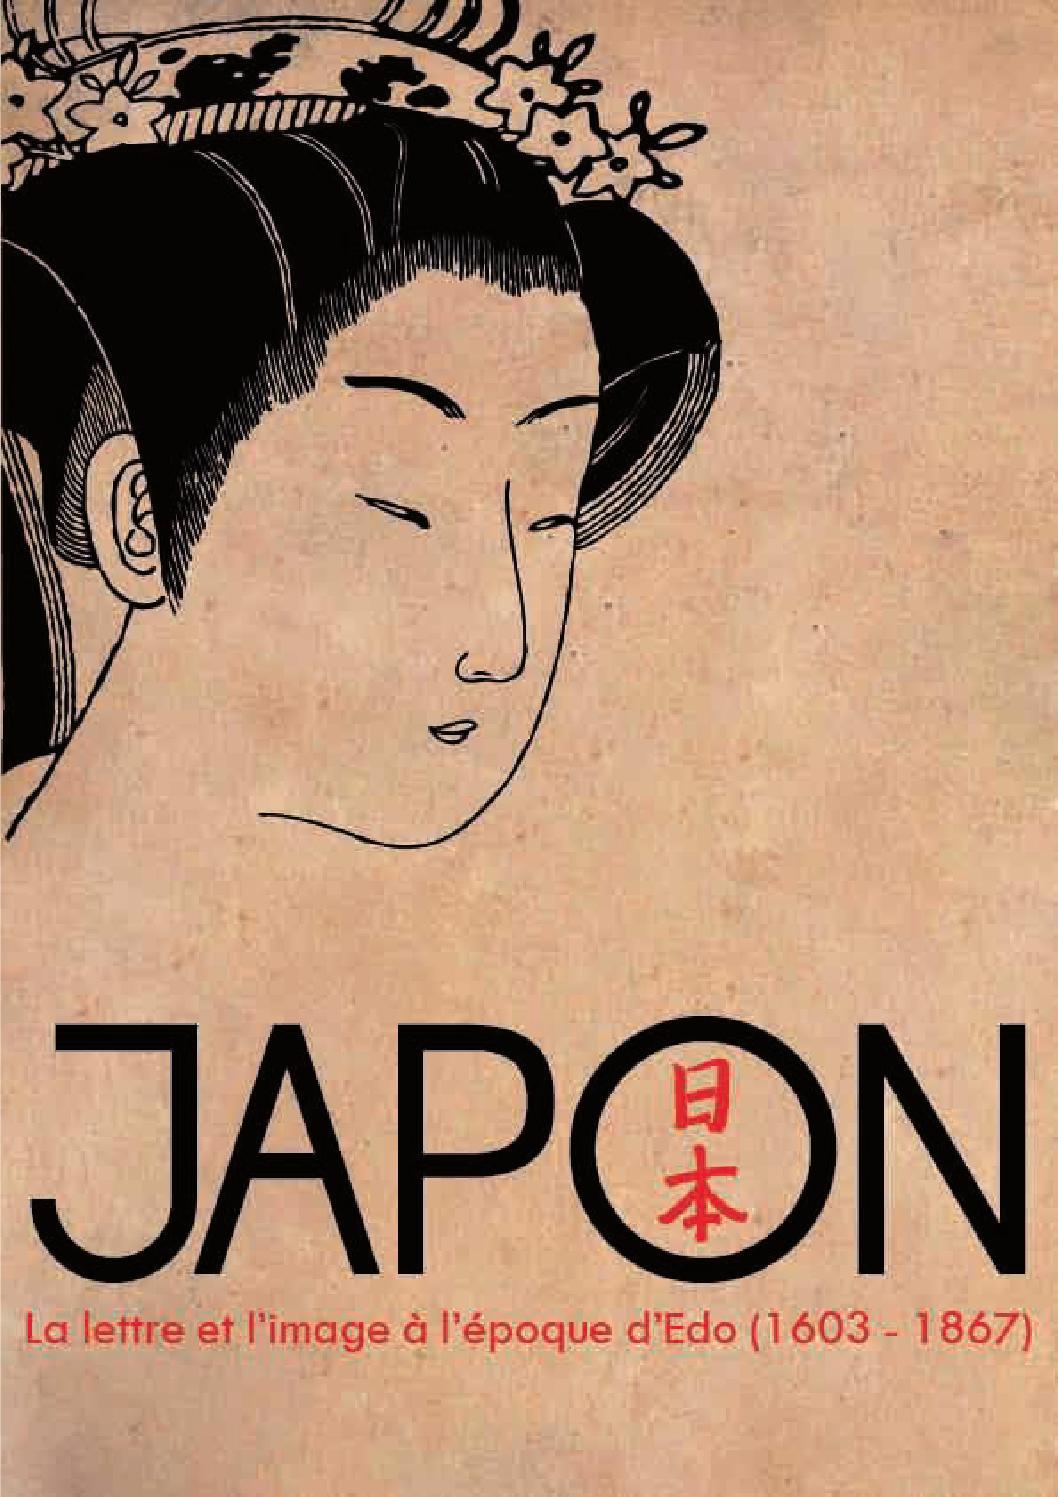 Japon la lettre et l 39 image l 39 poque d 39 edo 1603 1867 by musee champollion issuu - Baie du japon en 3 lettres ...